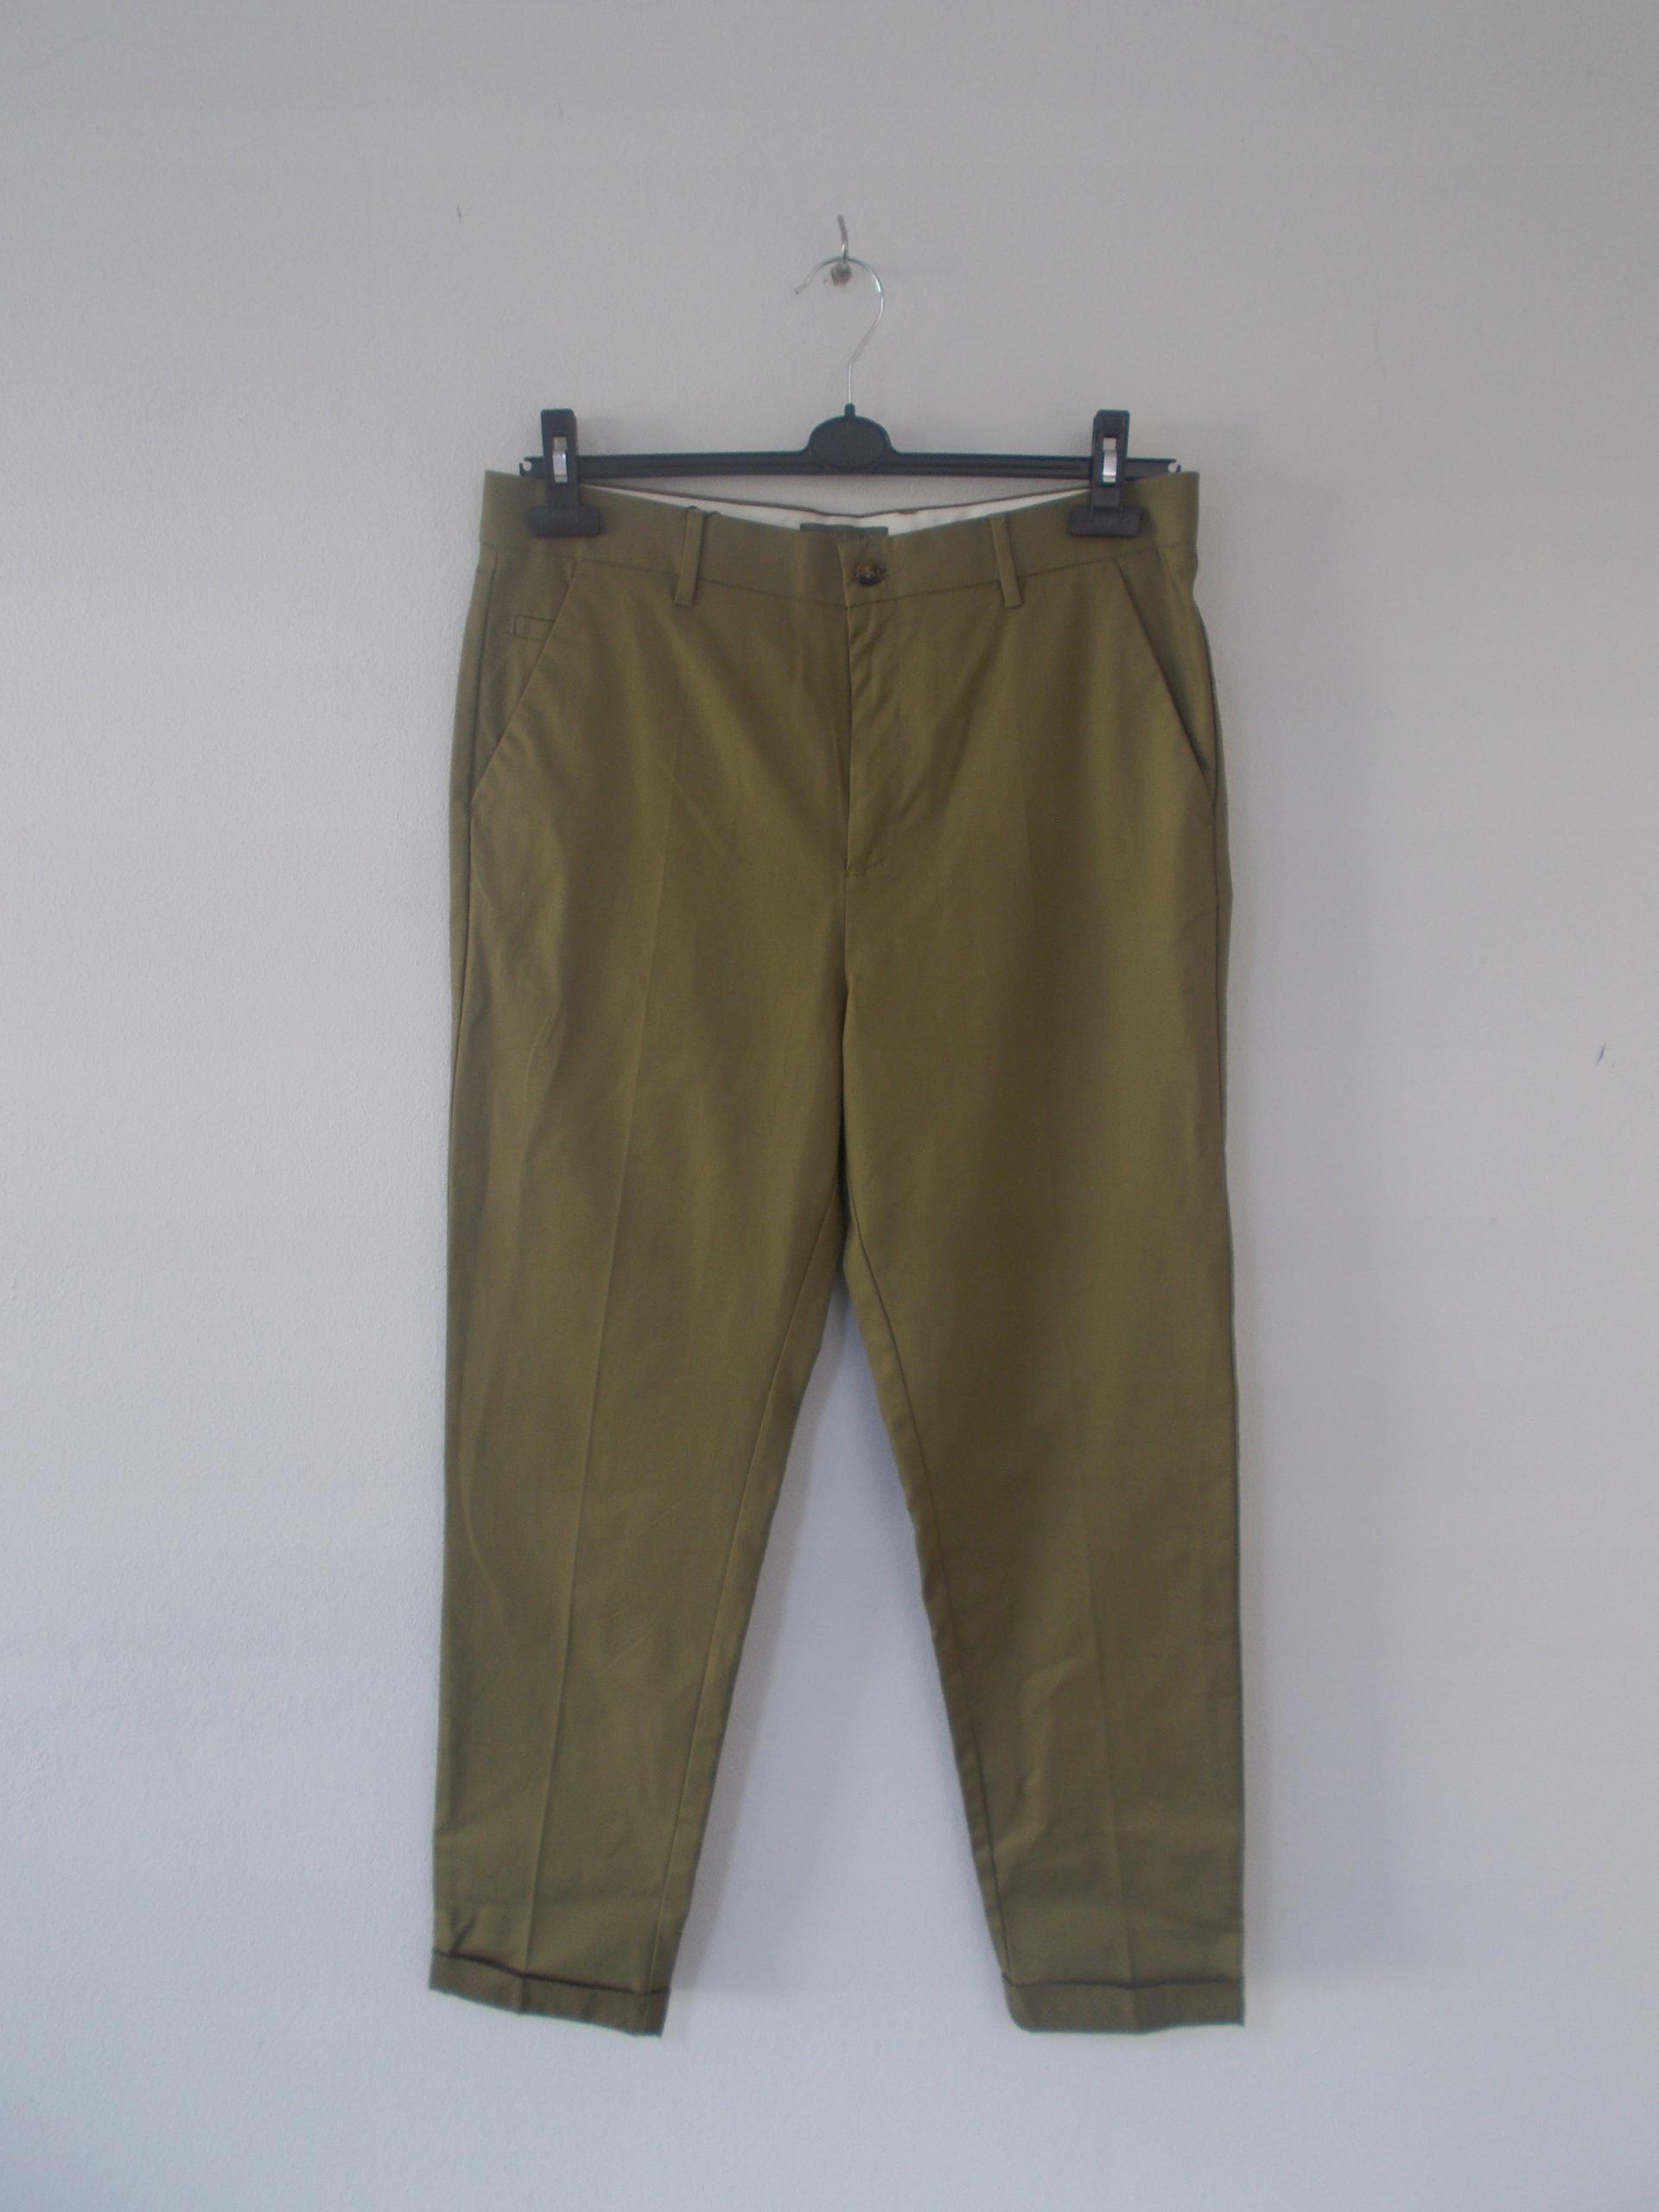 6e5eee77682ce1 Zara Man, spodnie w kolorze oliwkowym, rozm. 42 - 7718498511 ...